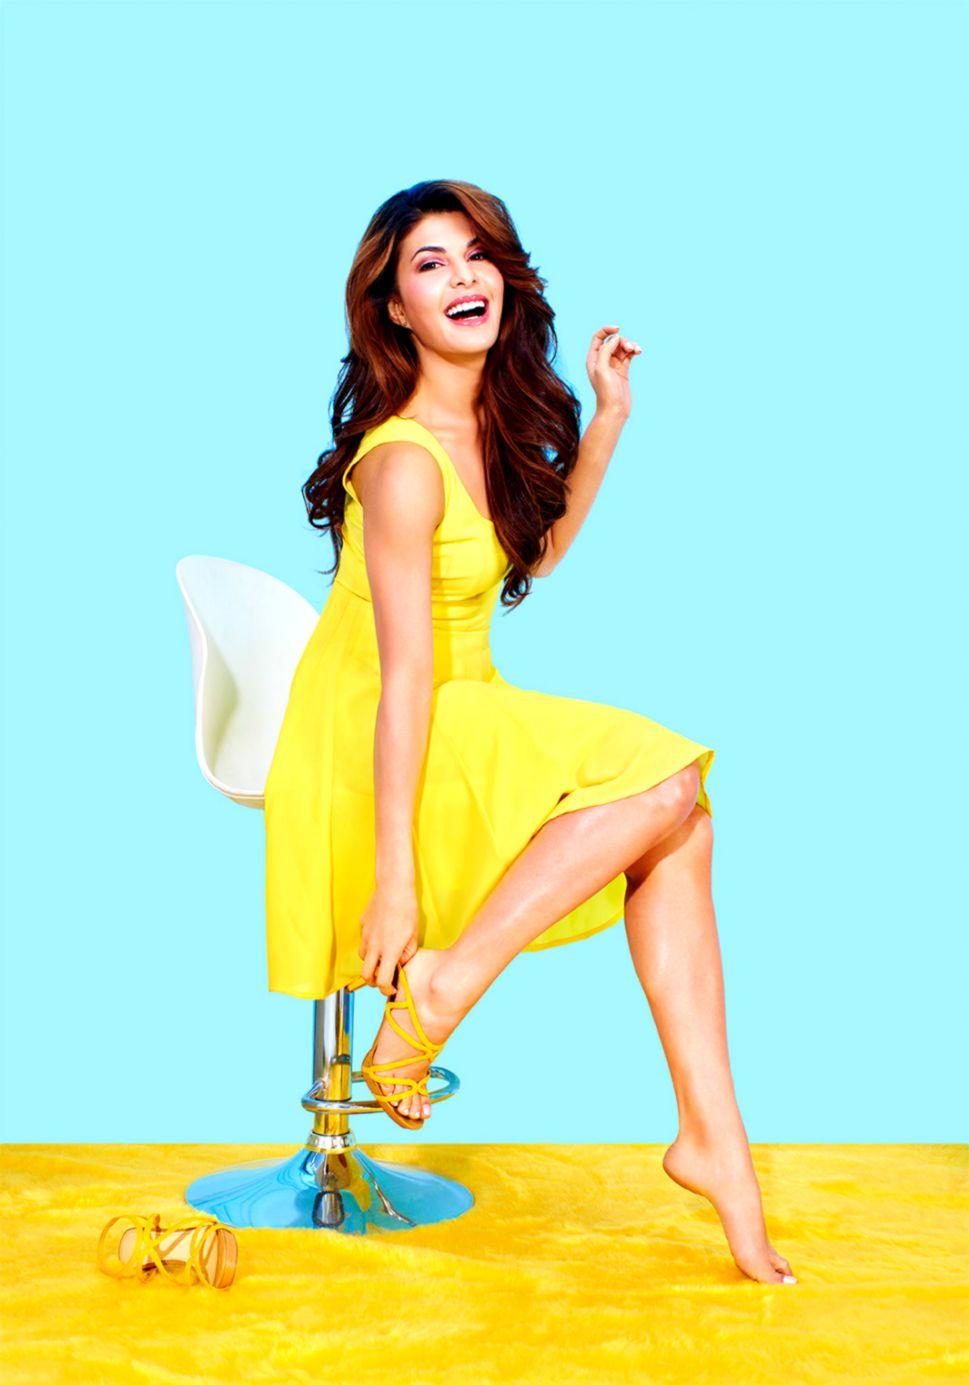 Jacqueline Fernandez Hot Images Bikini HD Pictures